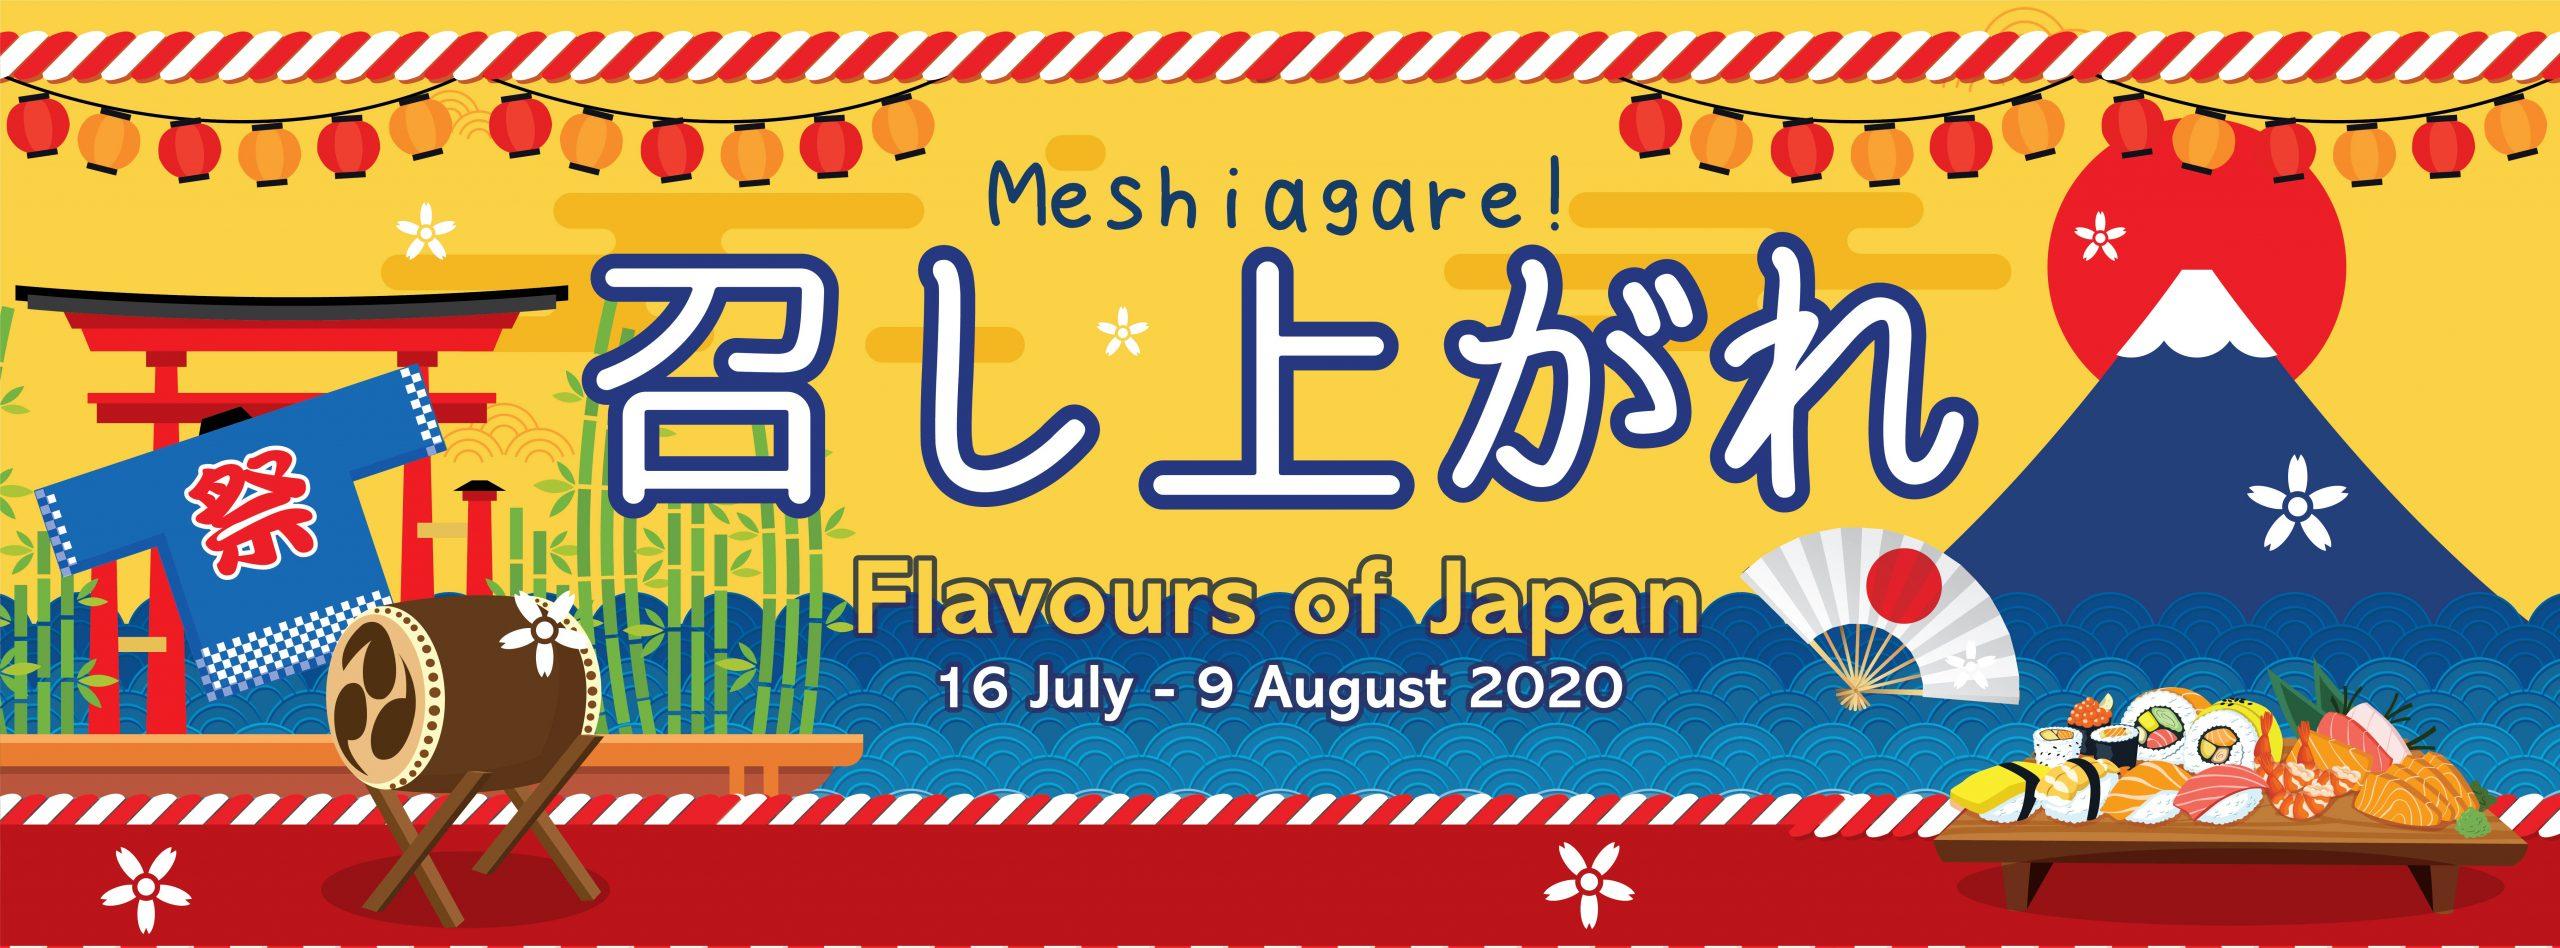 B.I.G. Japan Fair